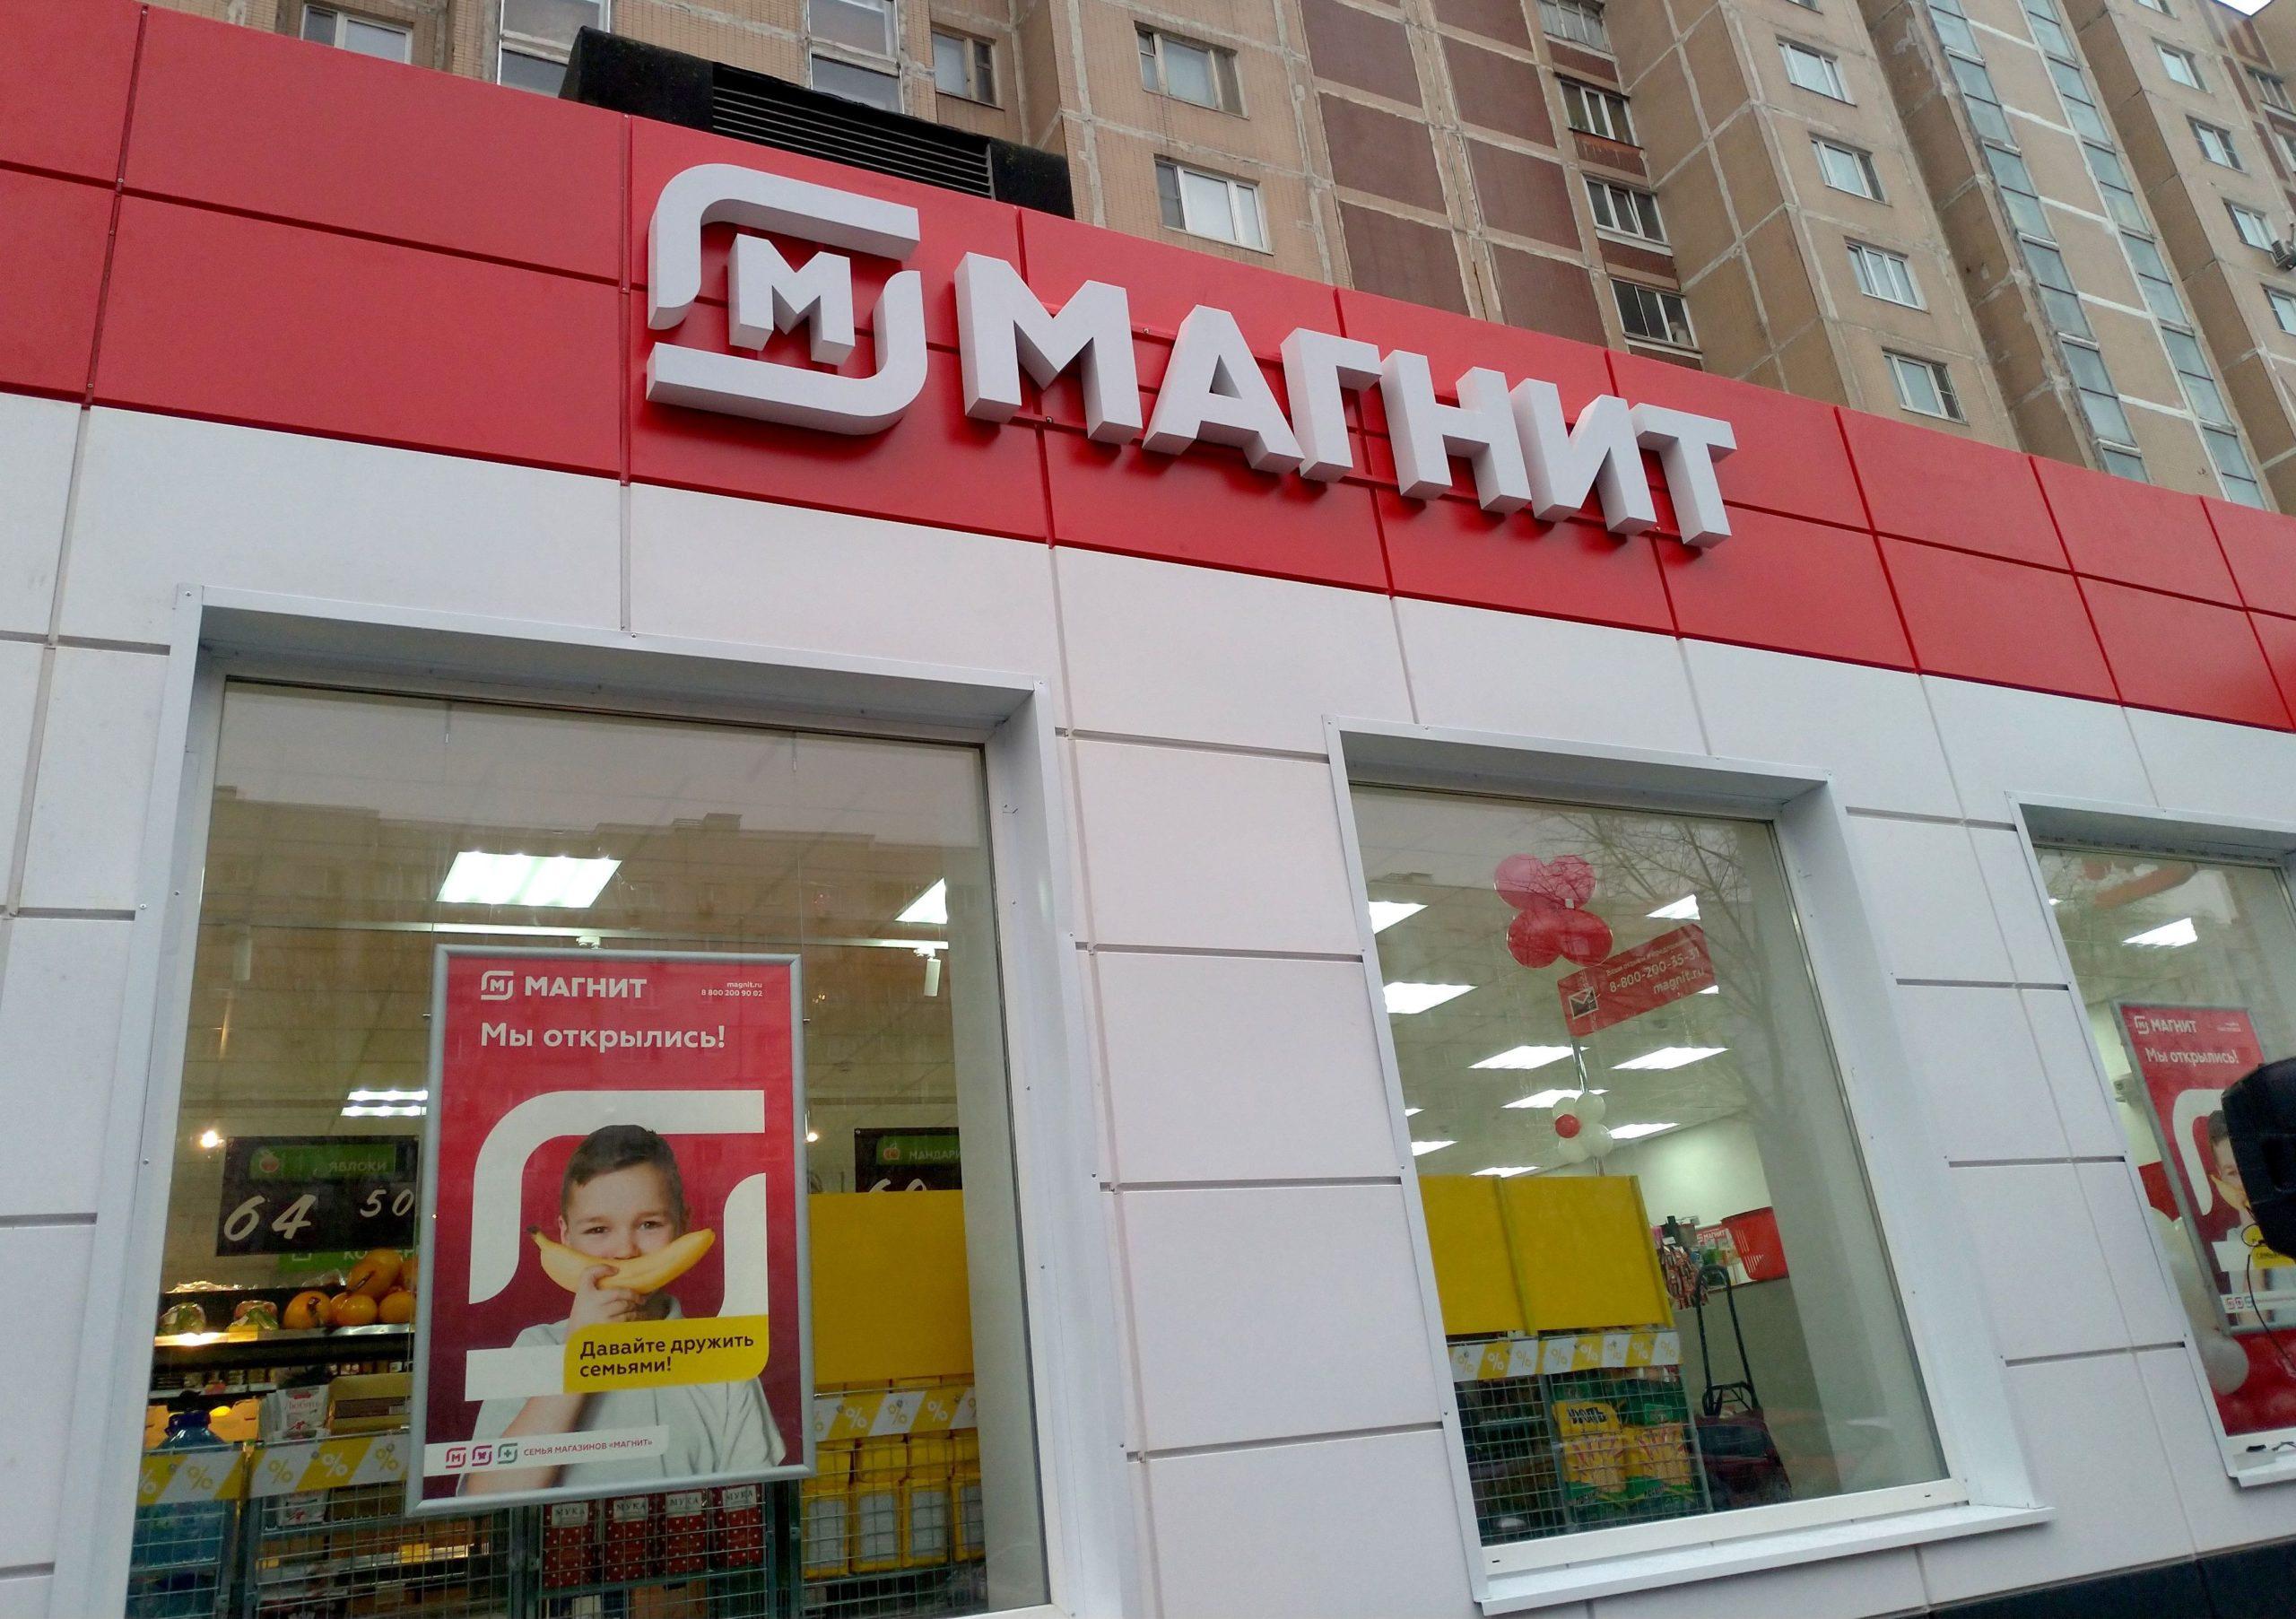 официальное название организации - магазин магнит